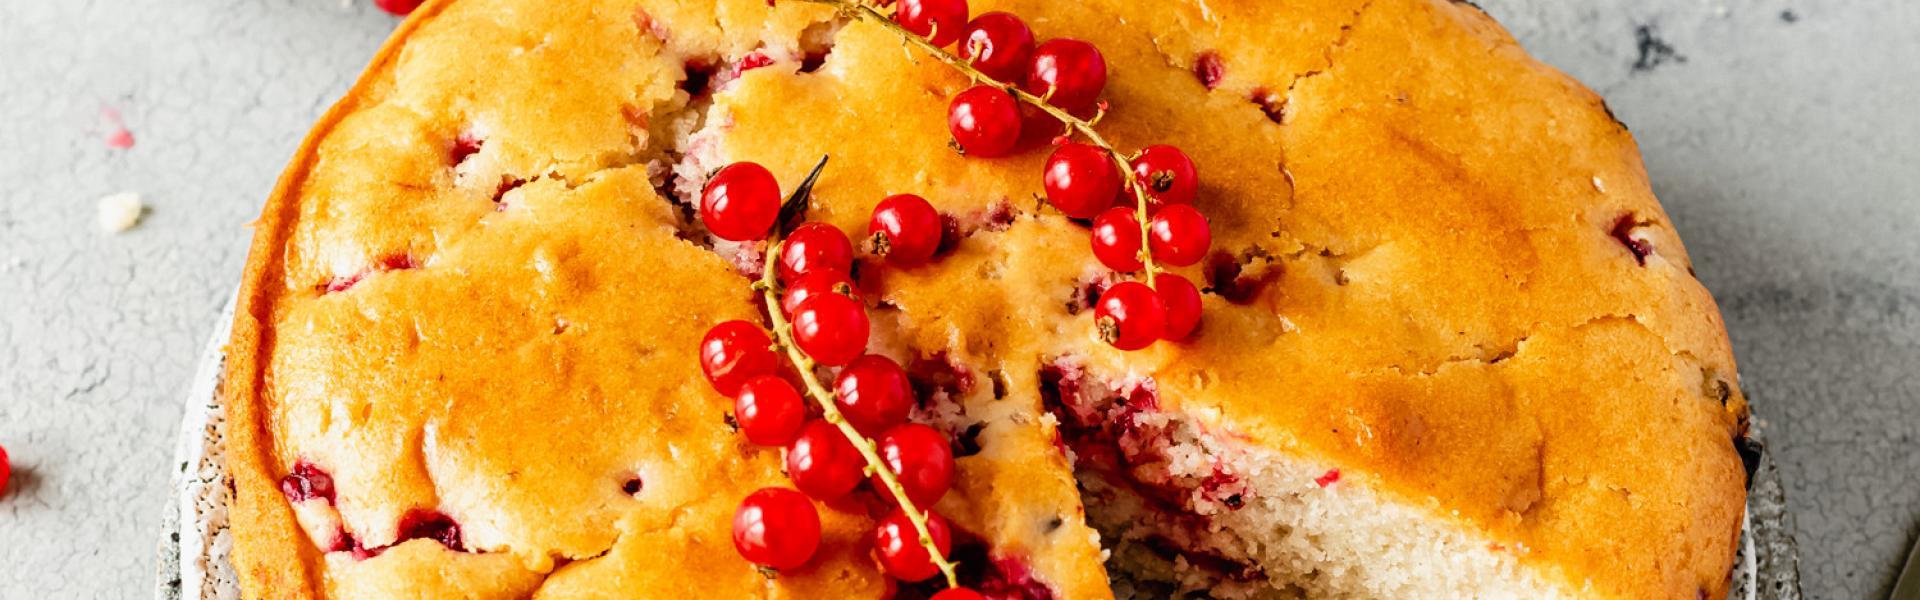 Johannisbeerkuchen vegan angeschnitten auf einer Kuchenplatte neben Johannisbeeren in einer Schale.